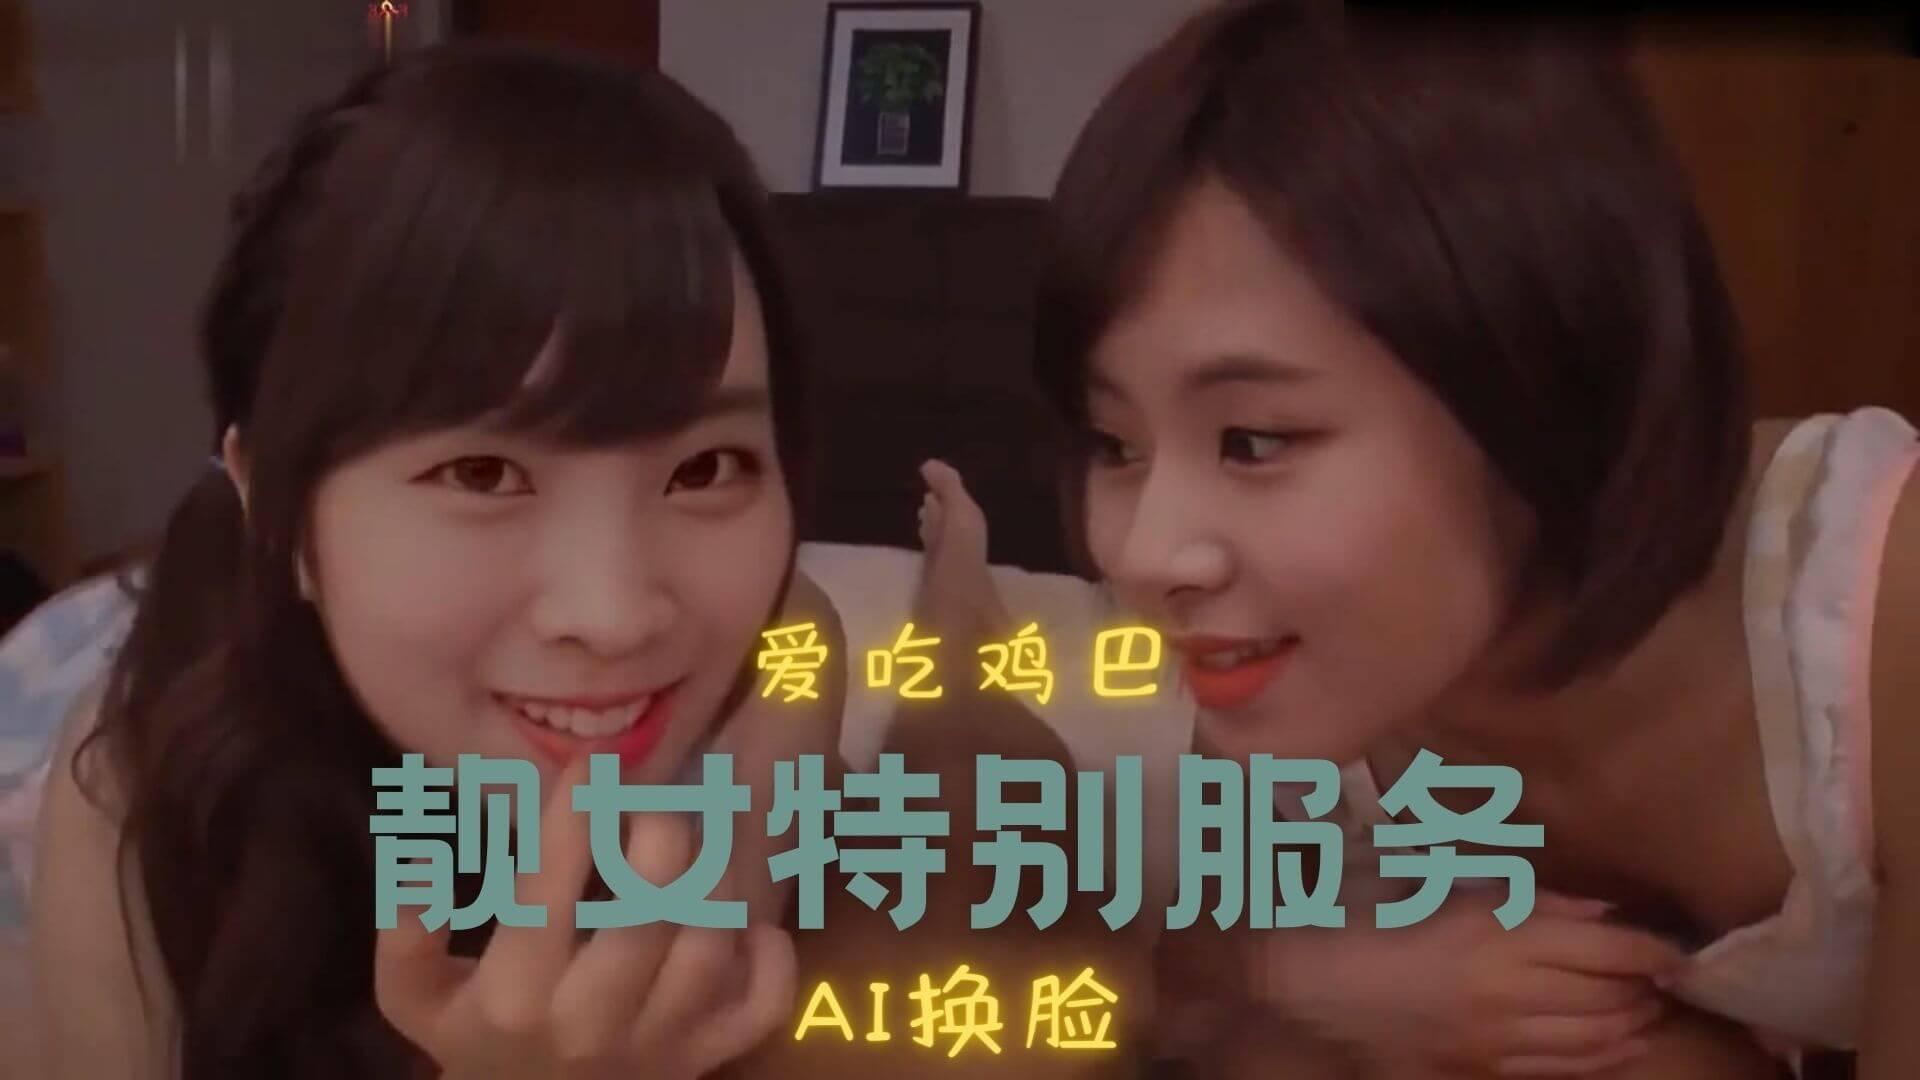 [换脸AI区] Al换脸刘亦菲超长片